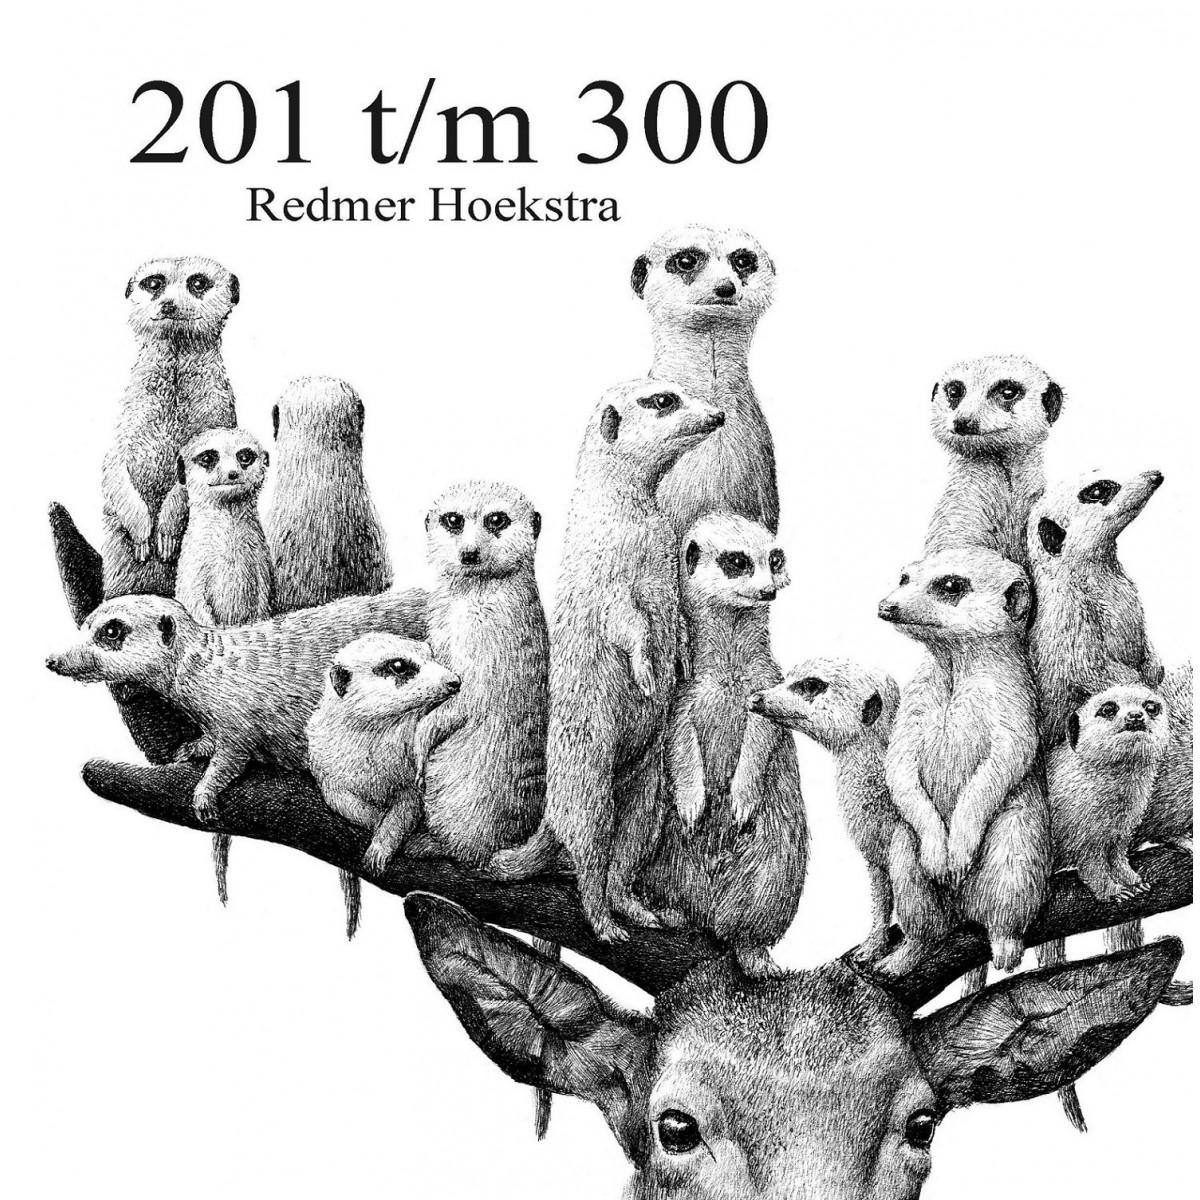 HOEKSTRA Redmer - 201 t/m 300 - Signed